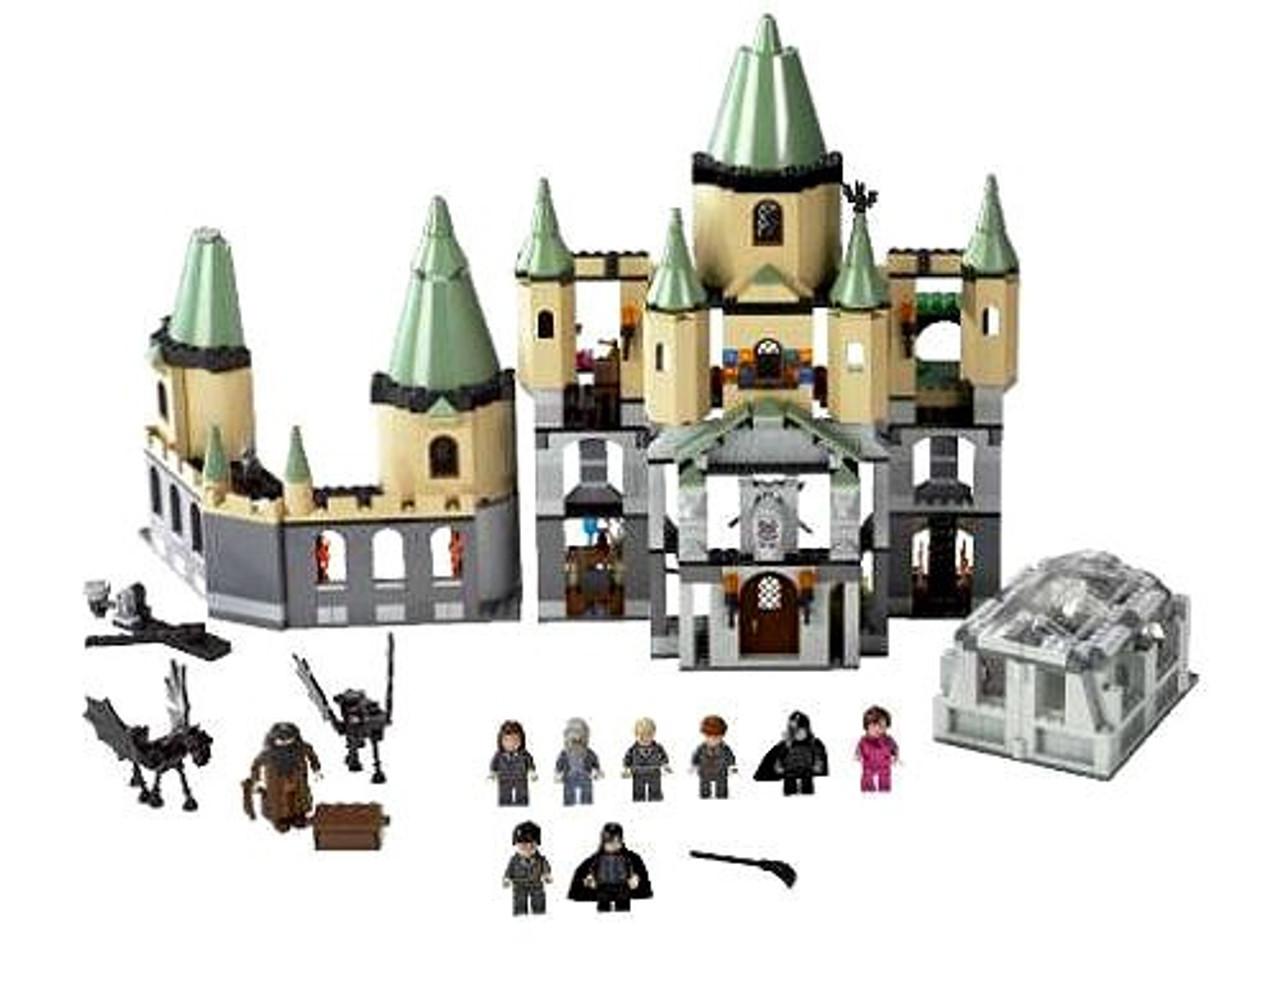 LEGO Harry Potter Order of the Phoenix Hogwarts Castle Set 5378 - ToyWiz